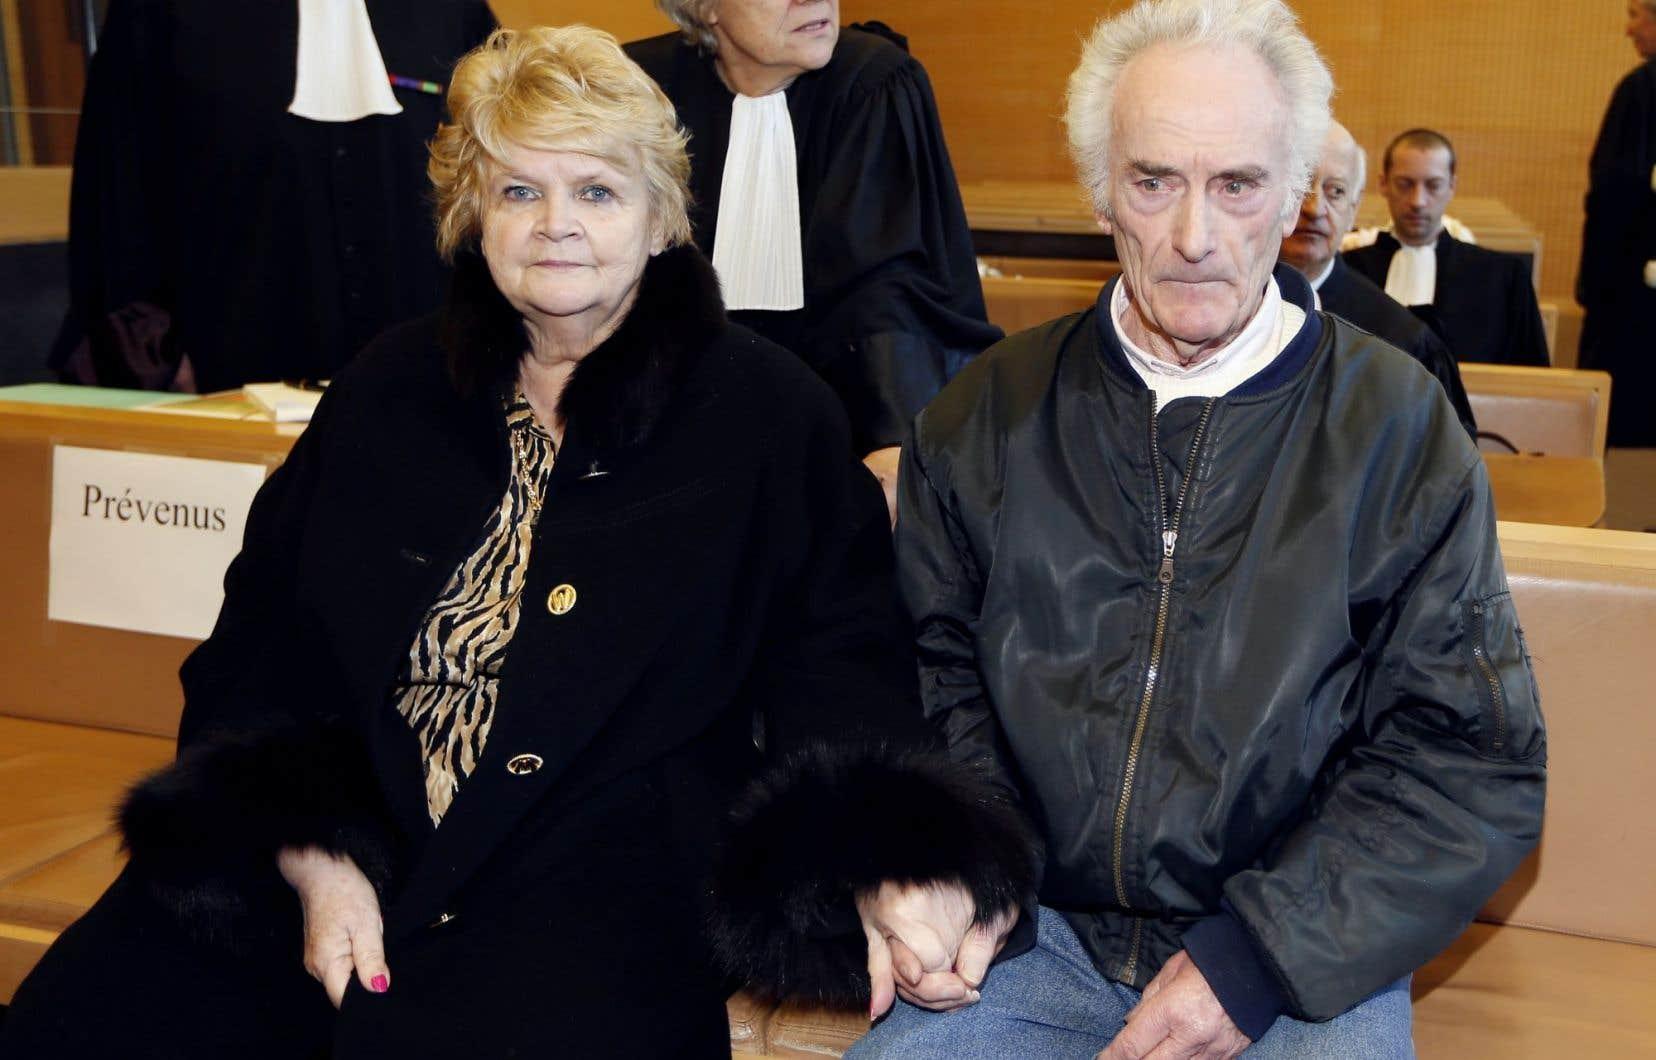 Pierre Le Guennec et son épouse Danielle ont été condamnés pour le recel de 271 oeuvres de l'artiste entreposées durant 40 ans dans leur garage.